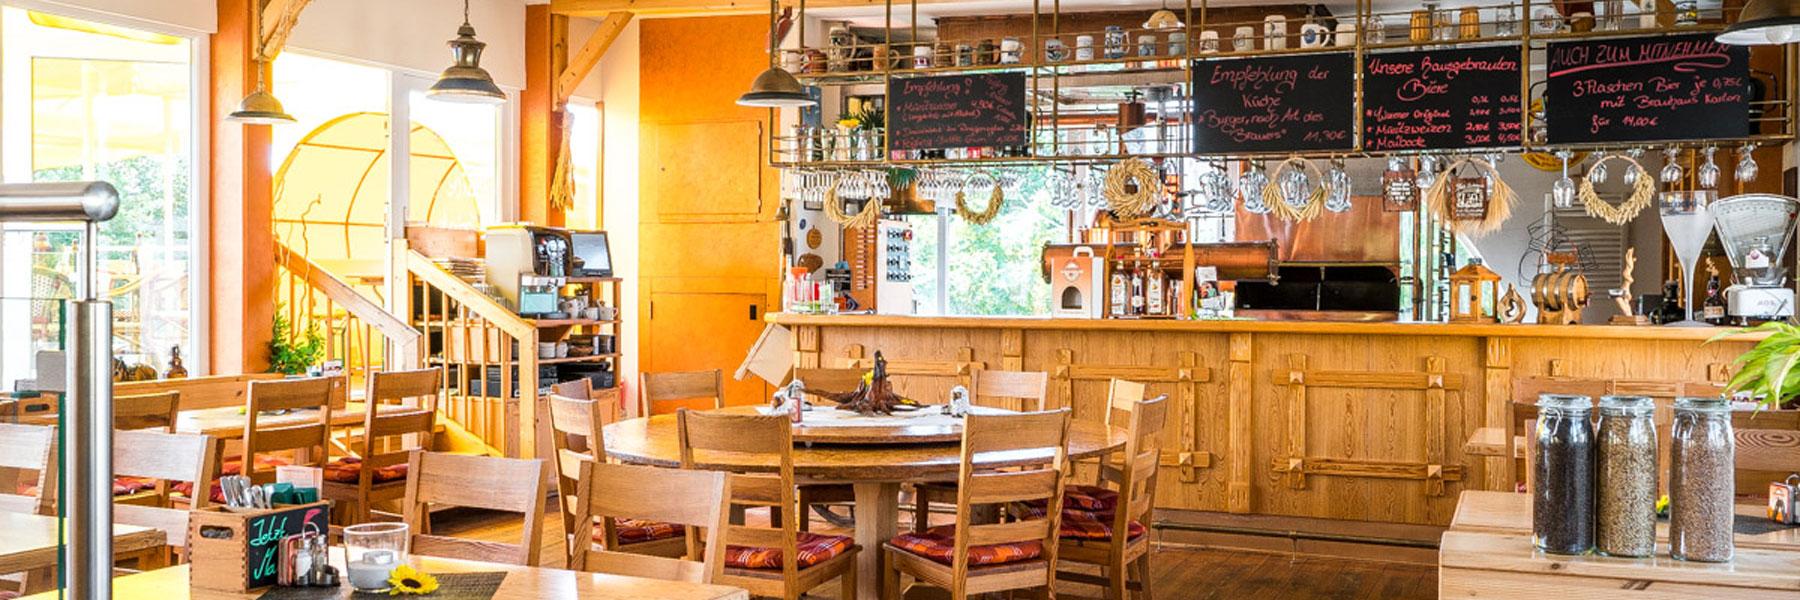 Restaurant - Hotel am Brauhaus